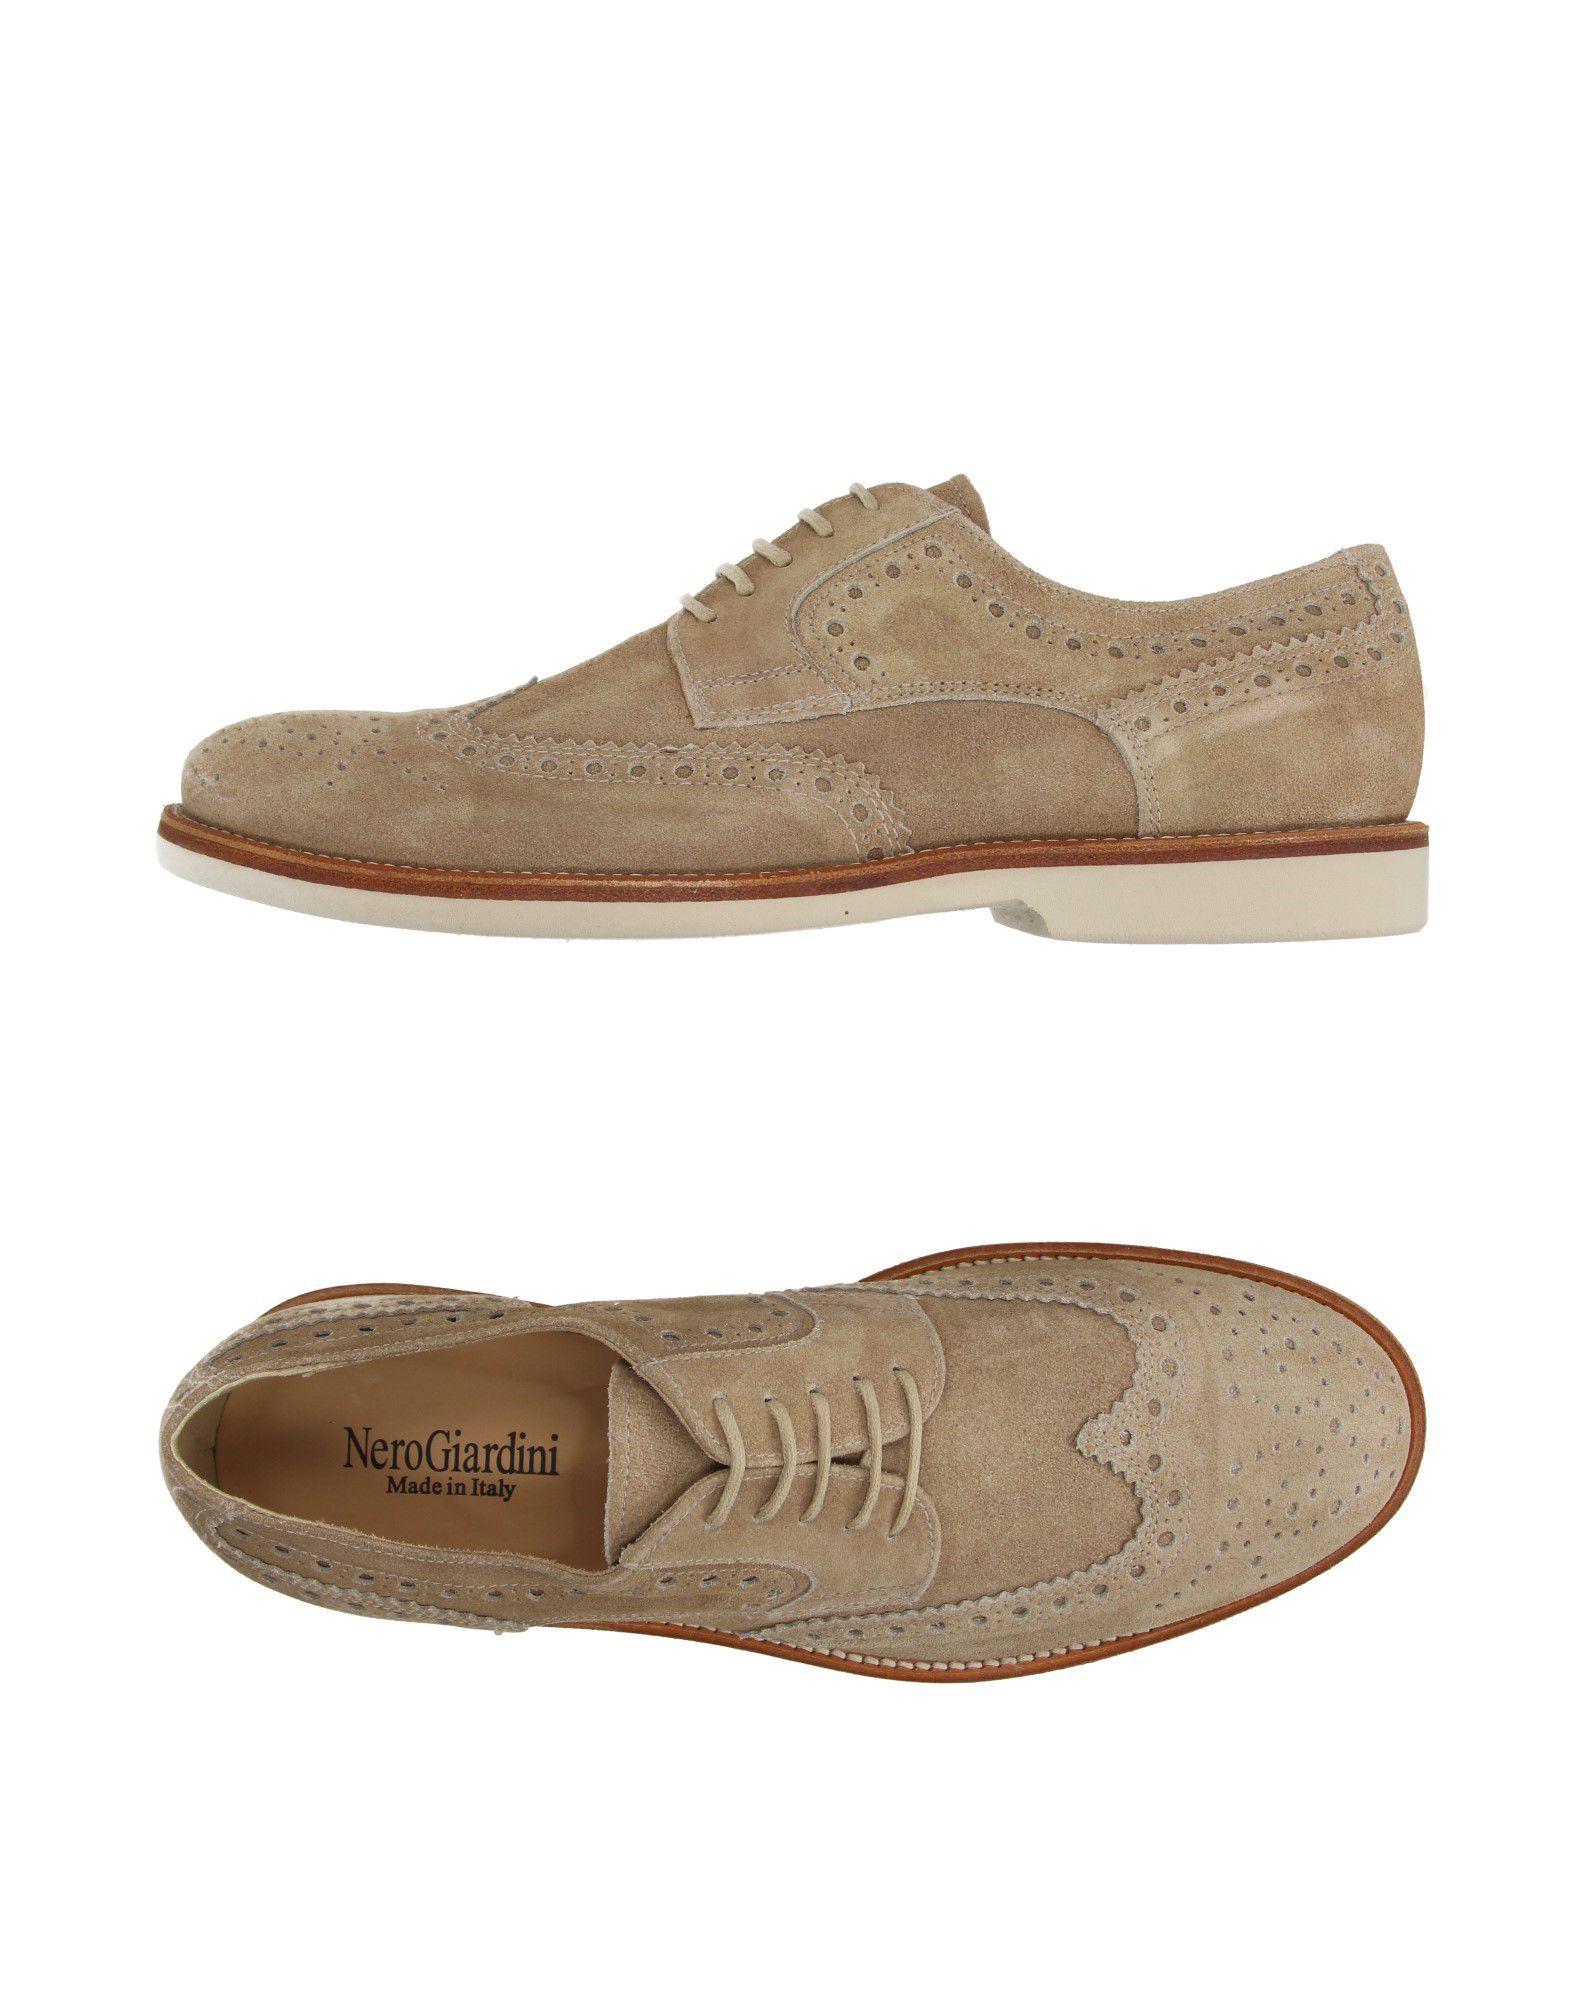 Rabatt echte Schnürschuhe Schuhe Nero Giardini Schnürschuhe echte Herren  11142401BM b17f1c